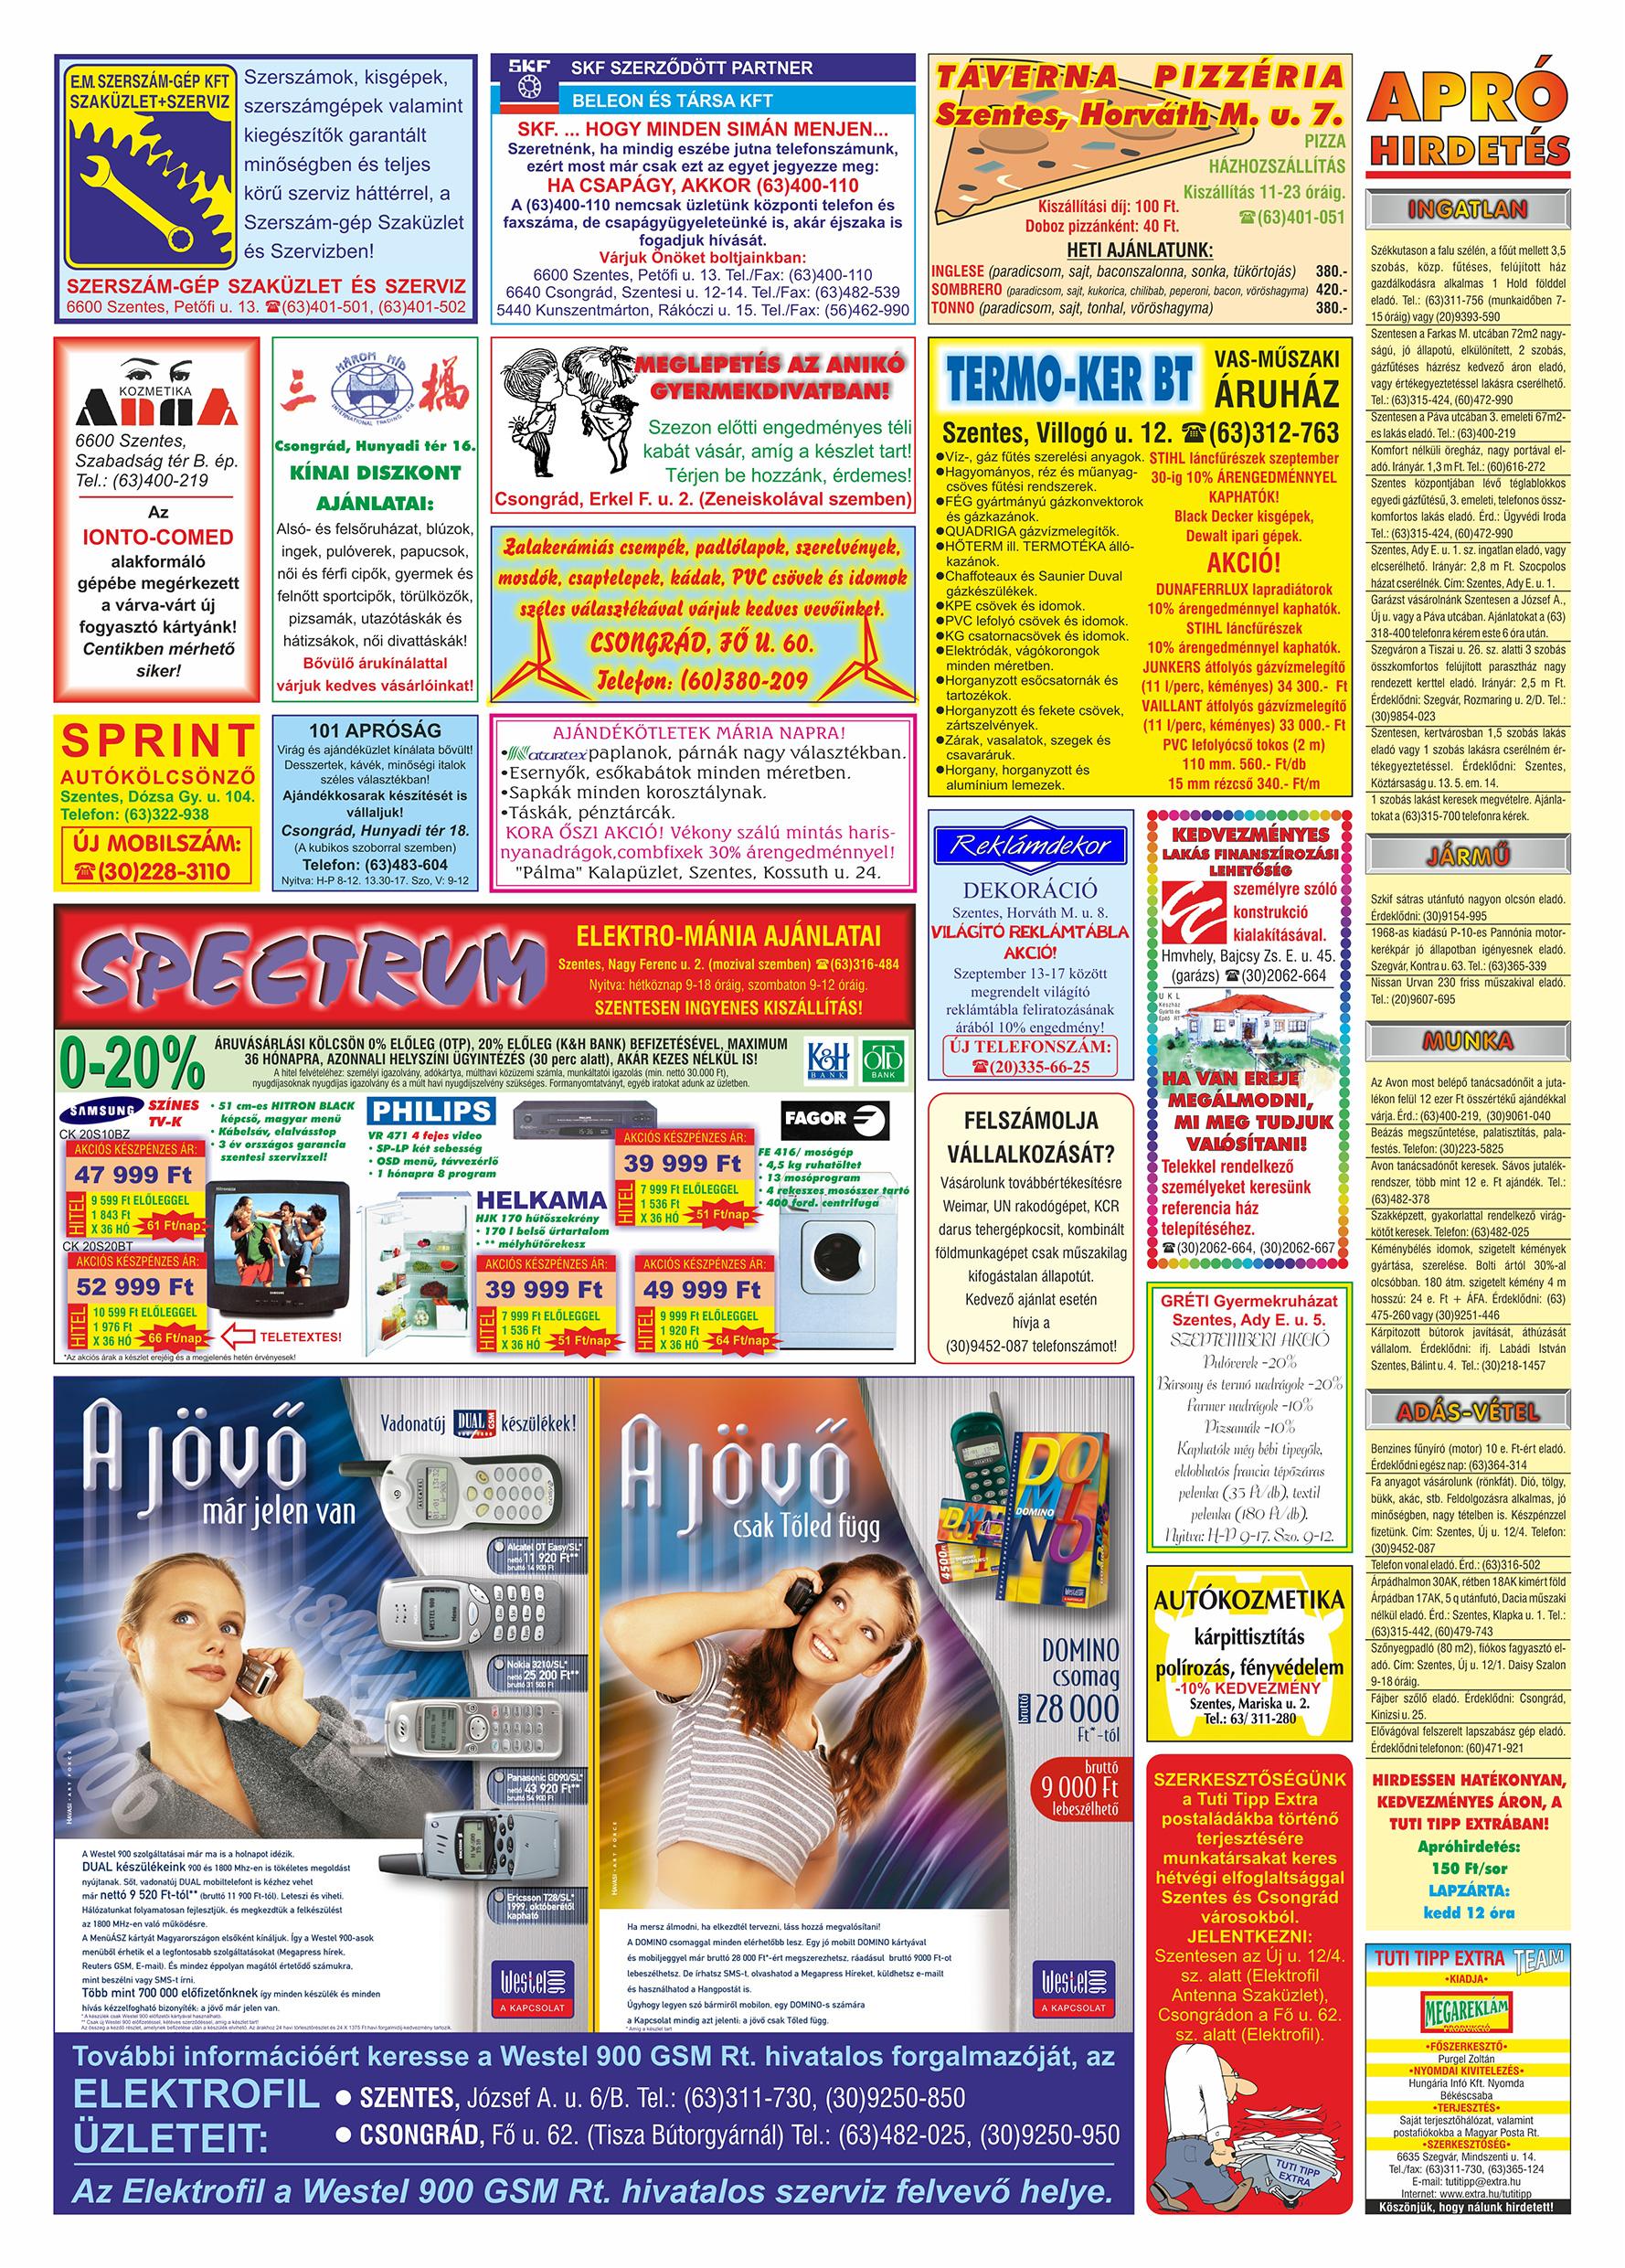 050 Tuti Tipp Extra reklámújság - 19990911-012. lapszám - 2.oldal - V. évfolyam.jpg